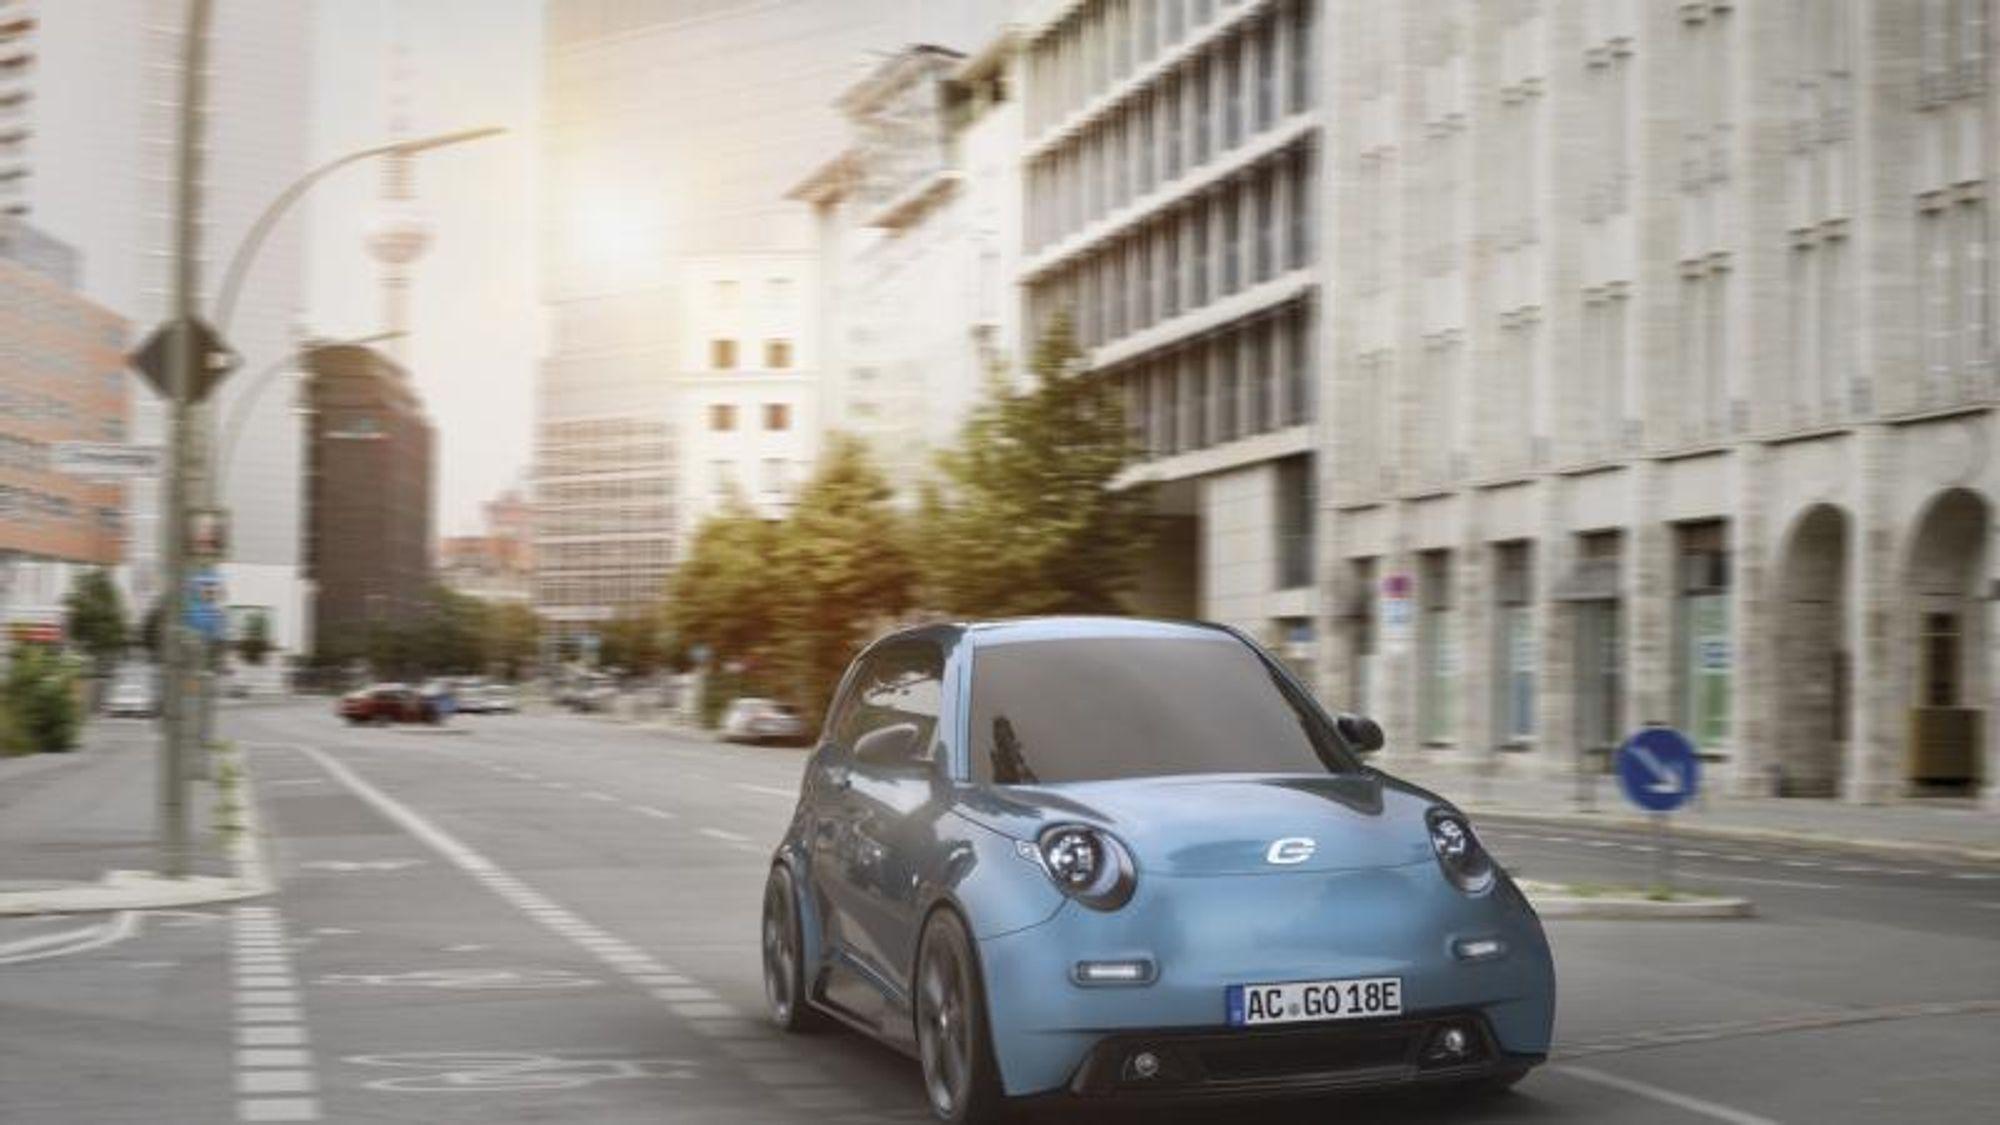 E.go er en 100 prosent bybil. Den første modellen heter E.go Life og har plass til fire personer. Den kommer med tre ulike batteristørrelser med en rekkevidde på mellom 104 og 154 km bykjøring.